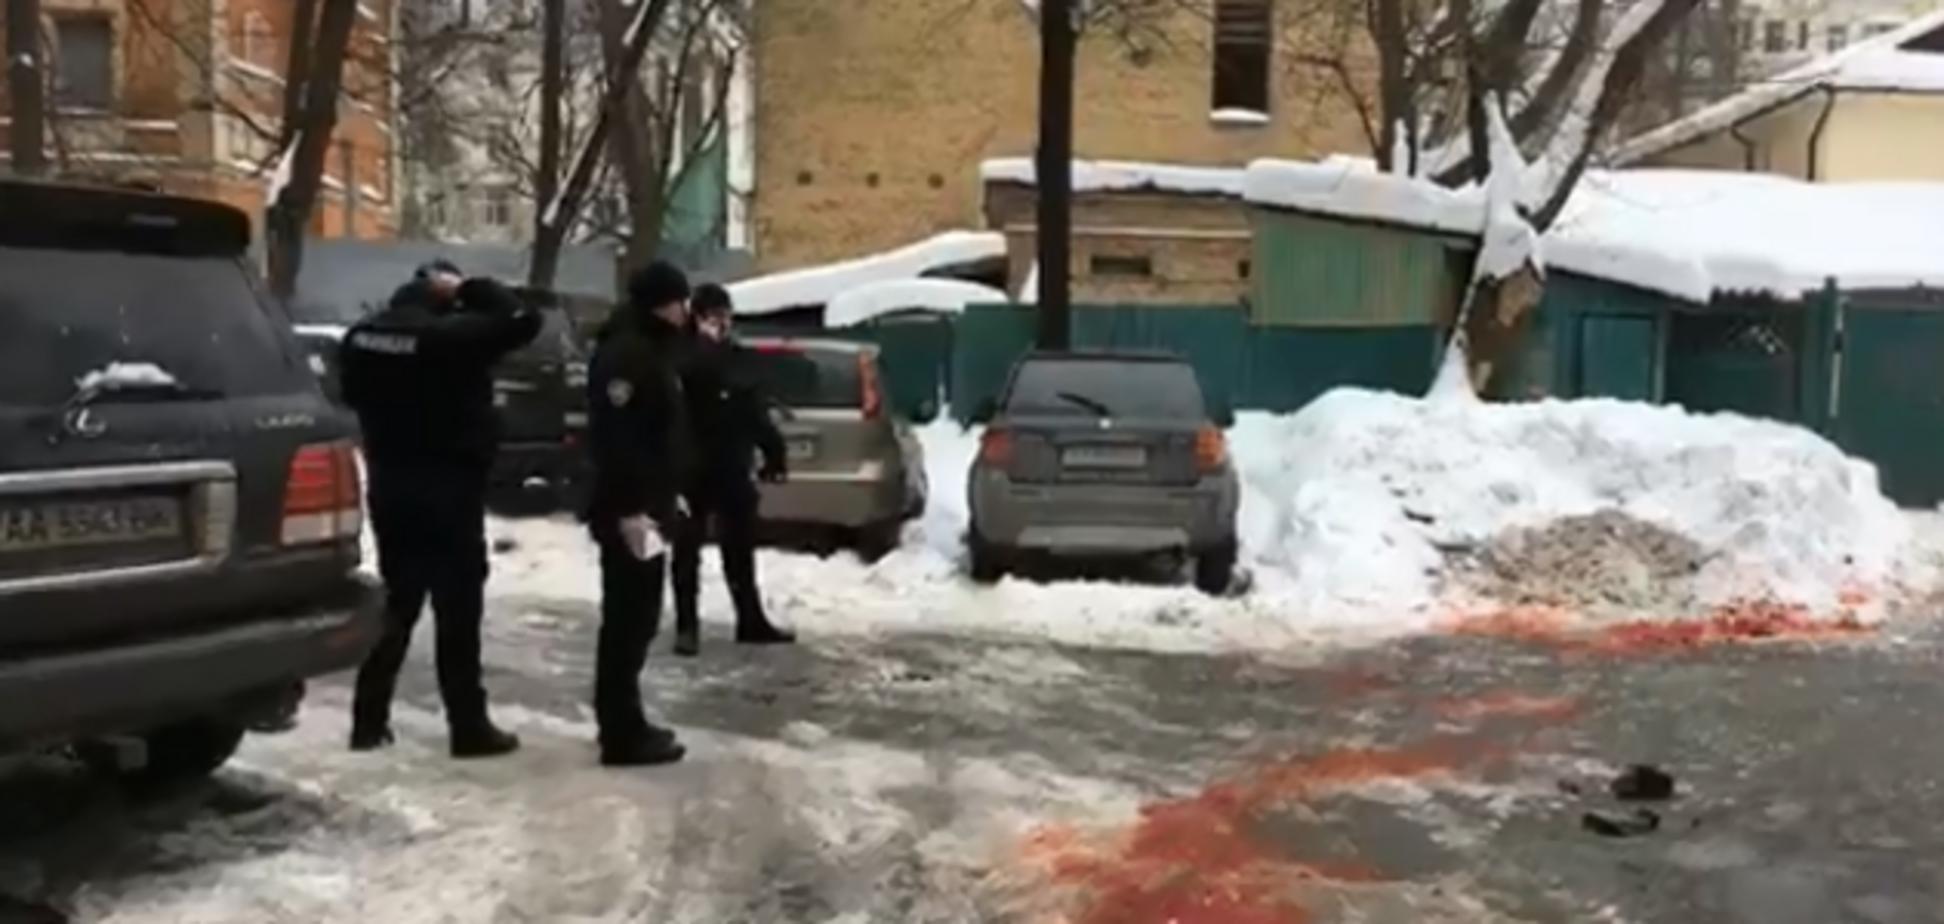 У центрі Києва сталося вбивство: з'явилися фотороботи підозрюваних